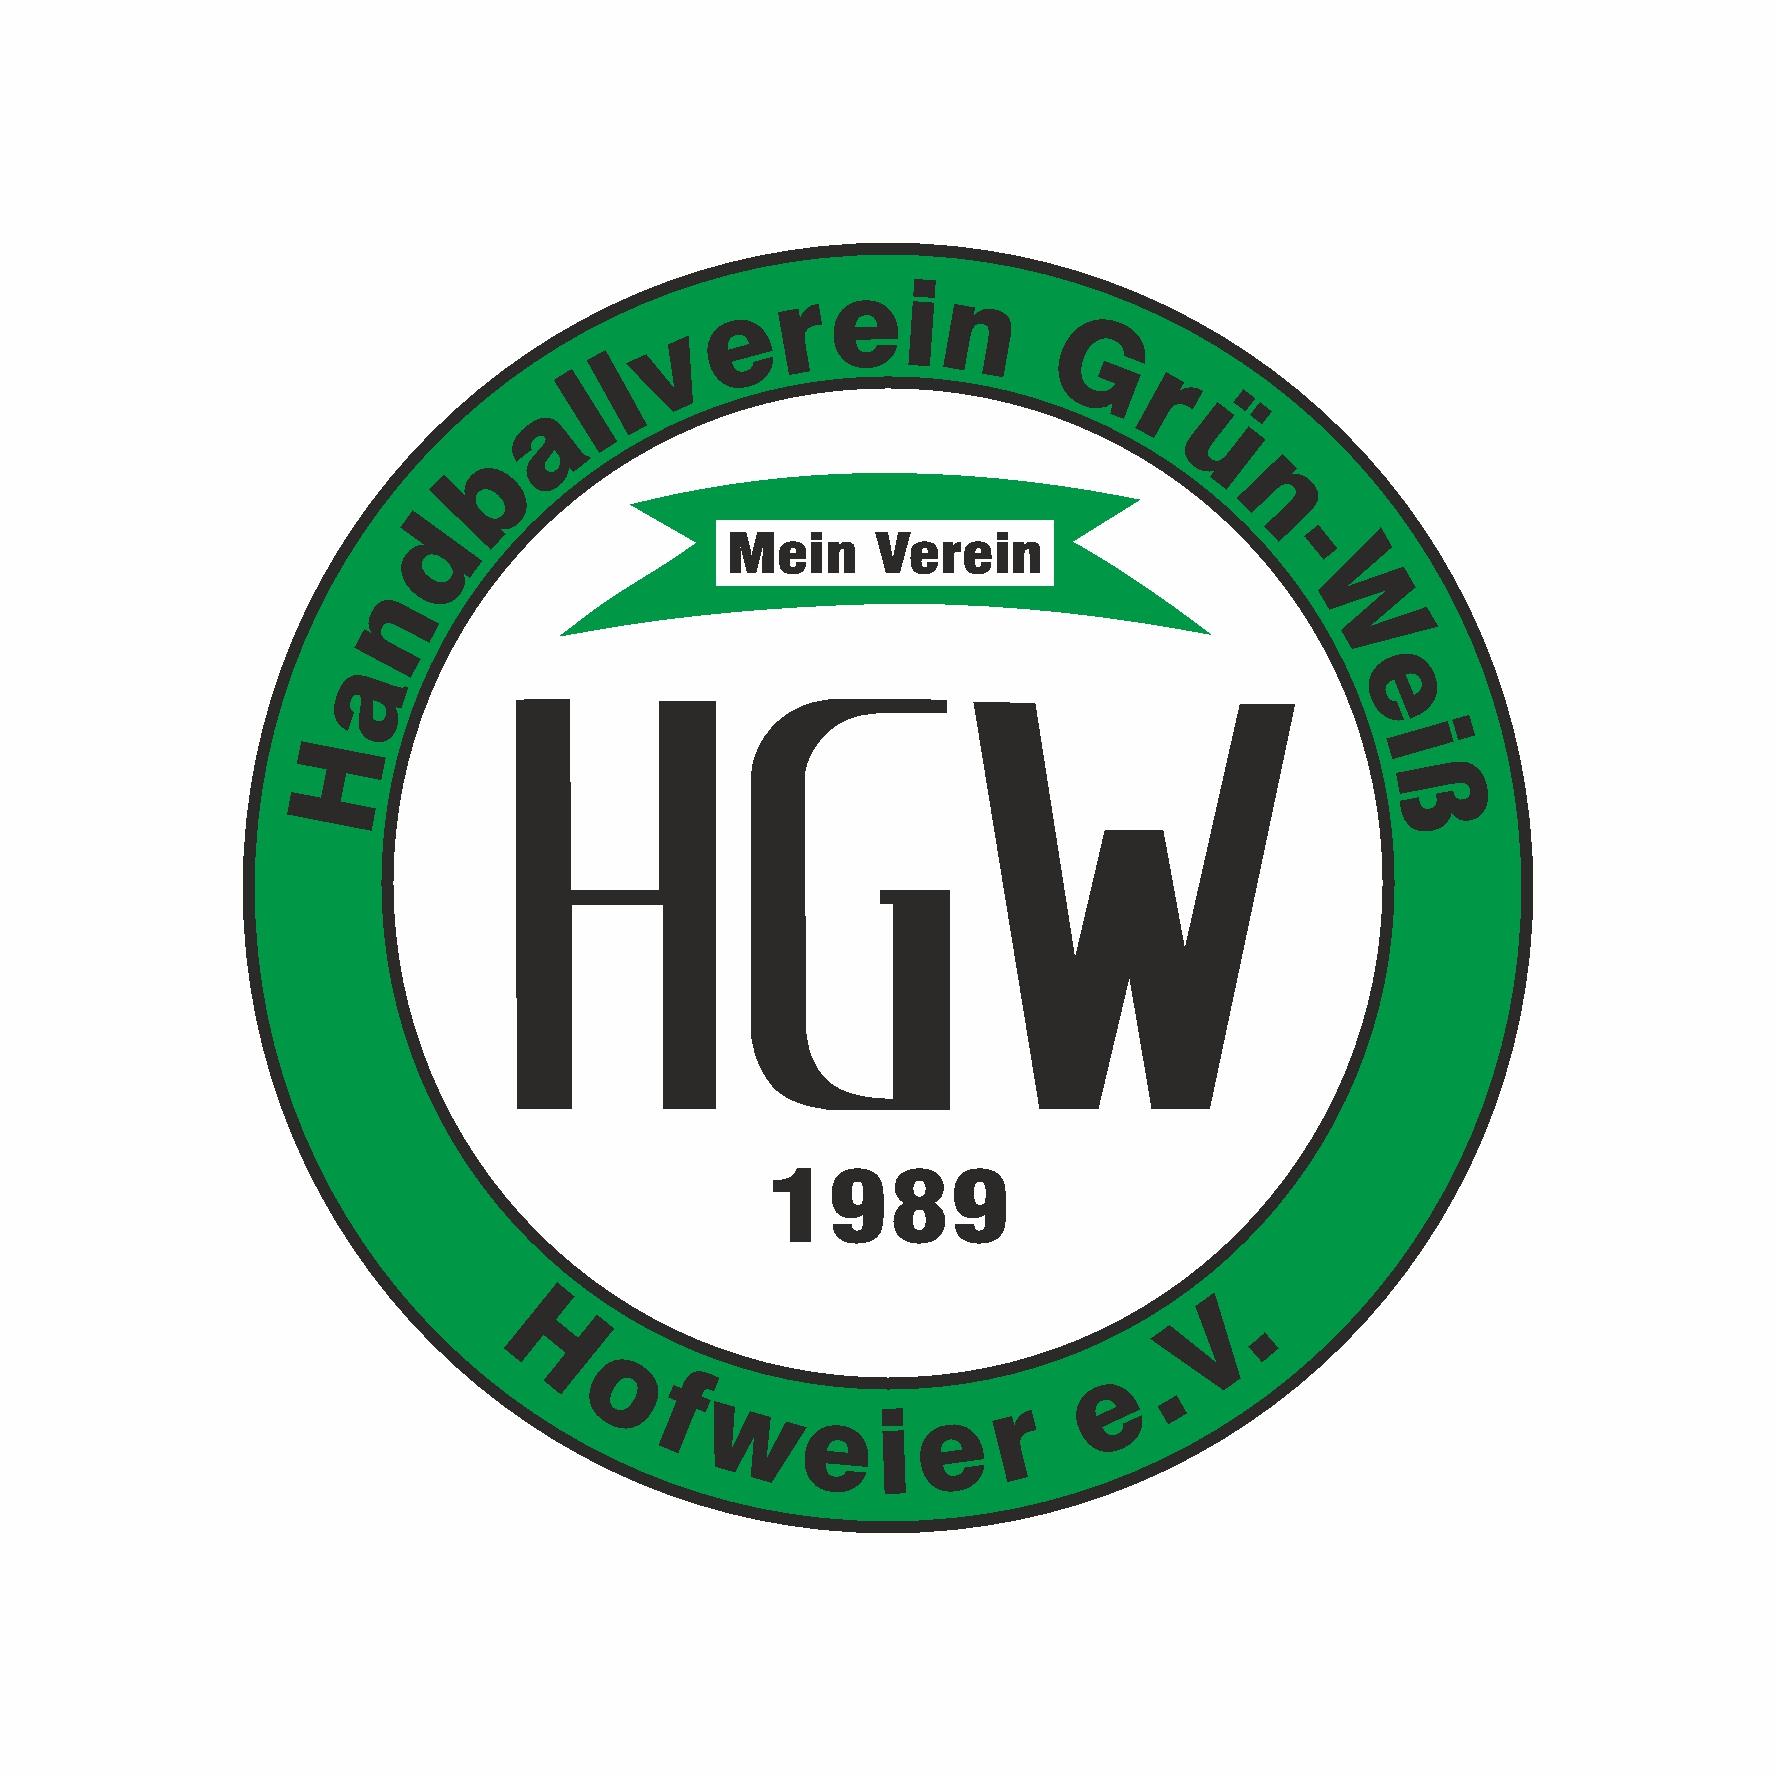 HGW HOFWEIER